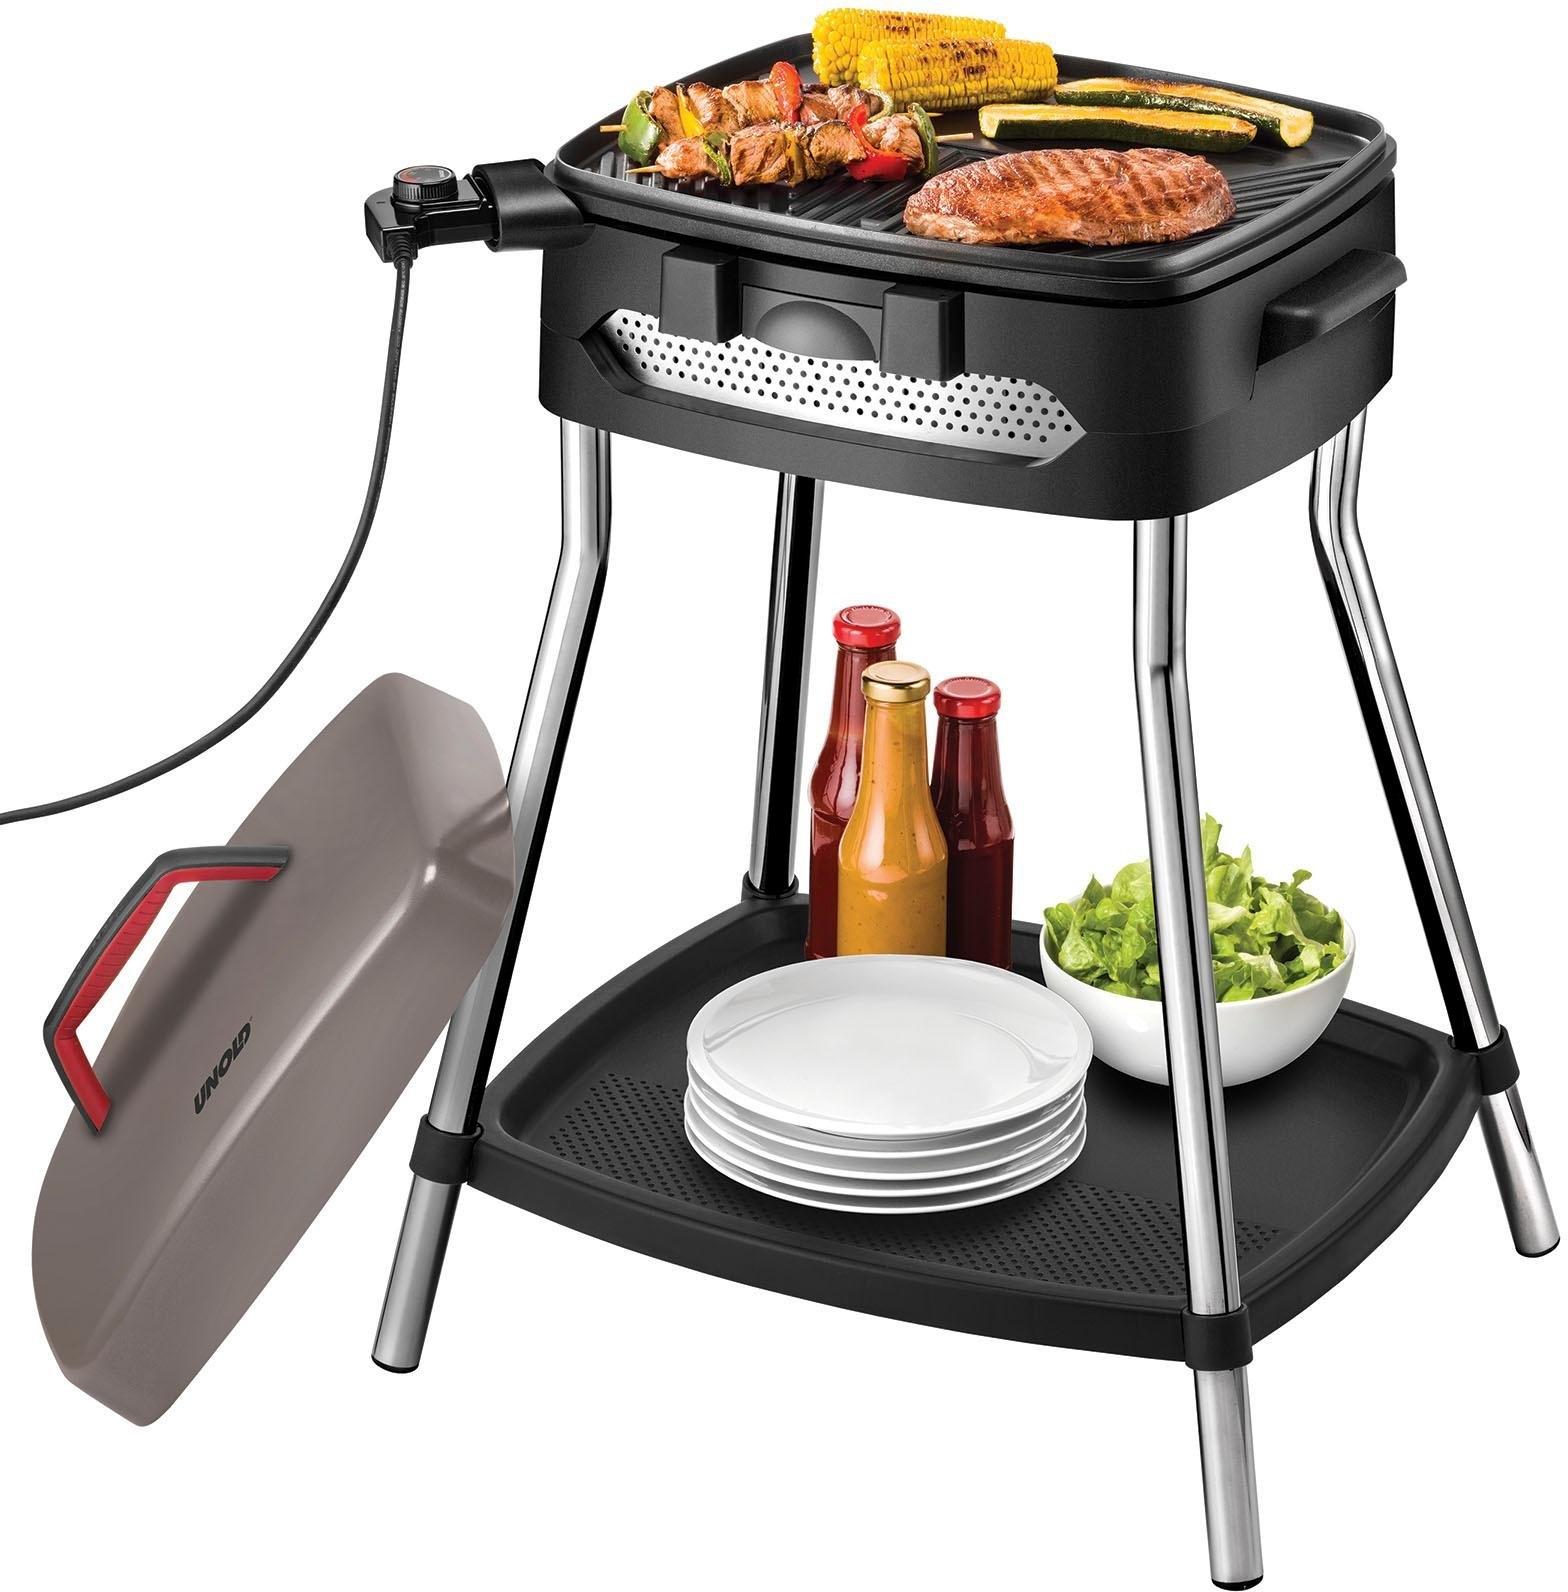 Unold grill Barbecue Power Grill 58580, 2000 watt bestellen: 30 dagen bedenktijd